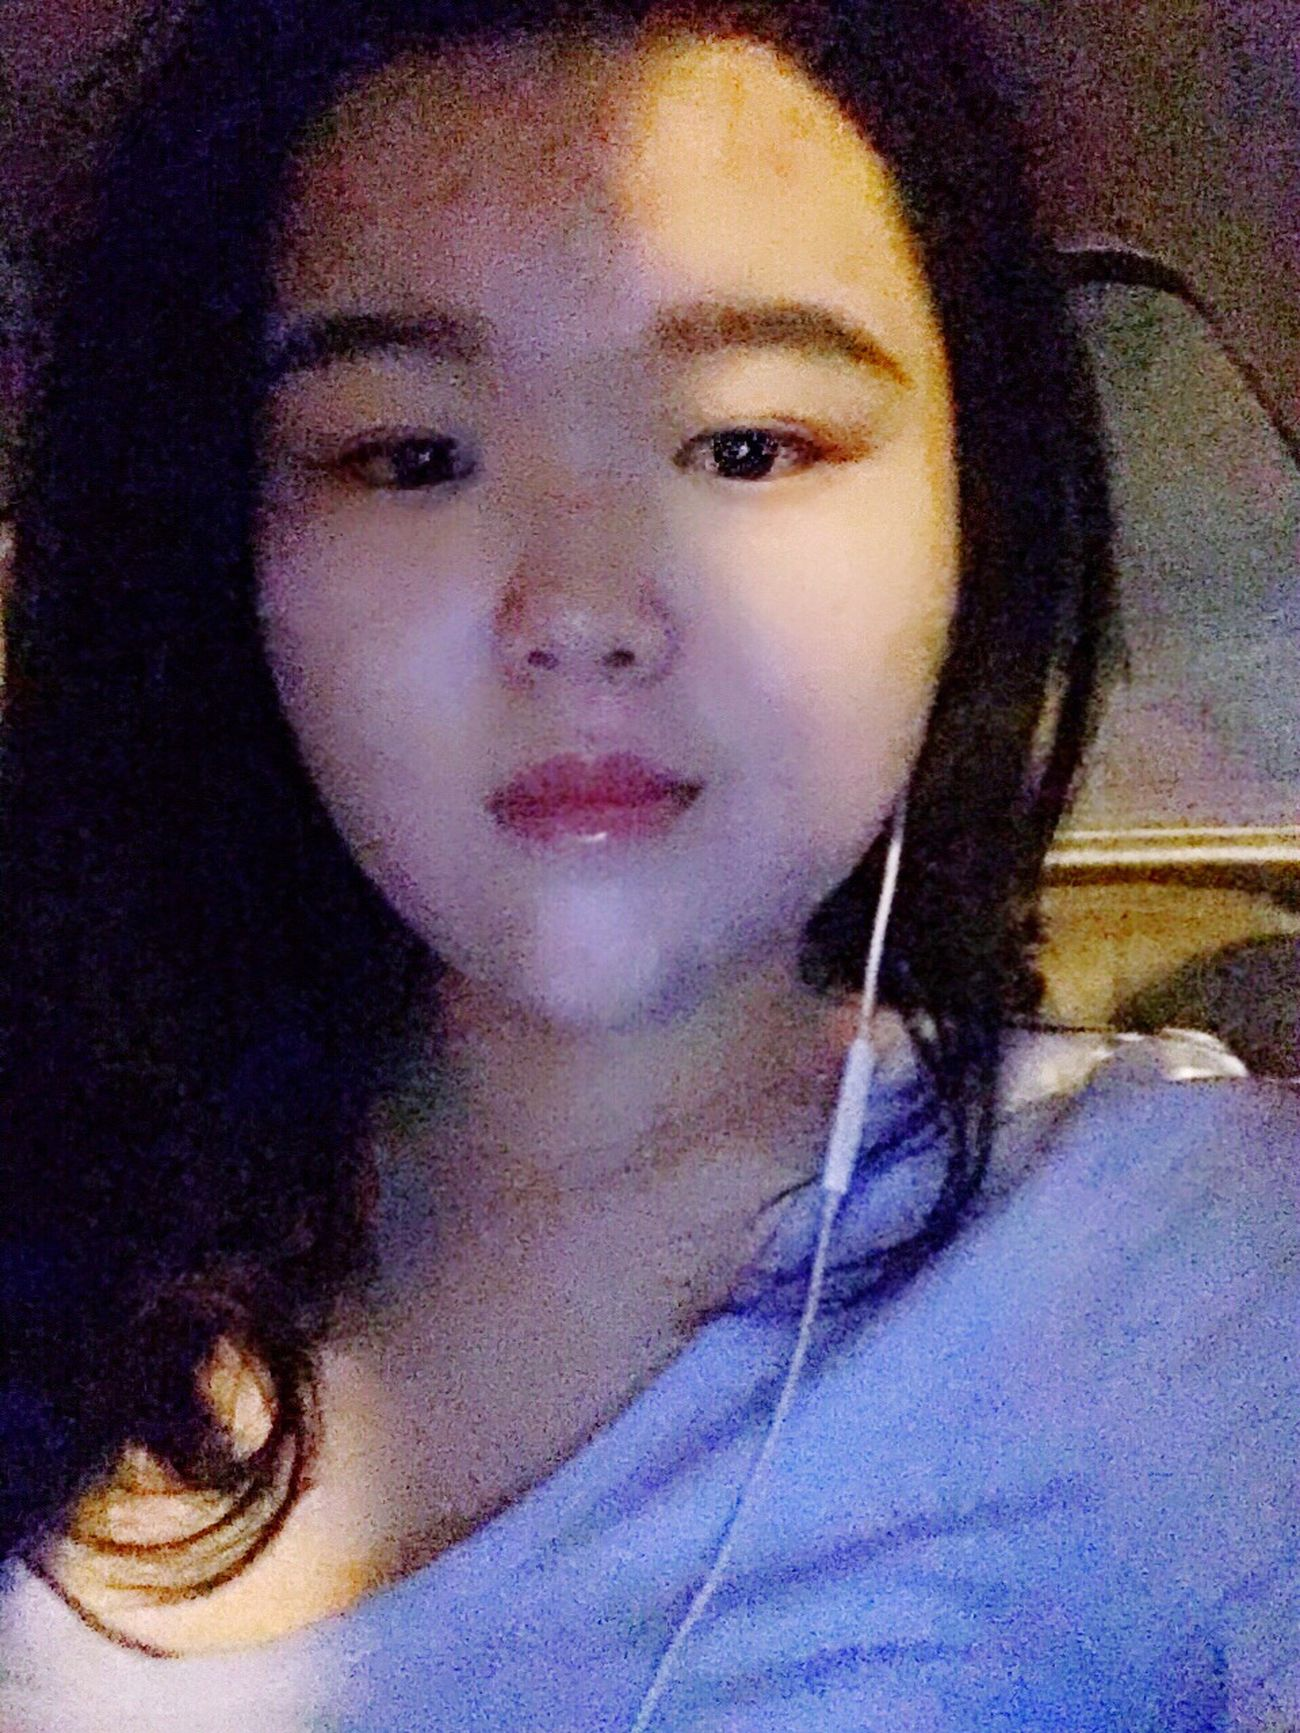 China .Xian Me I want to meet you